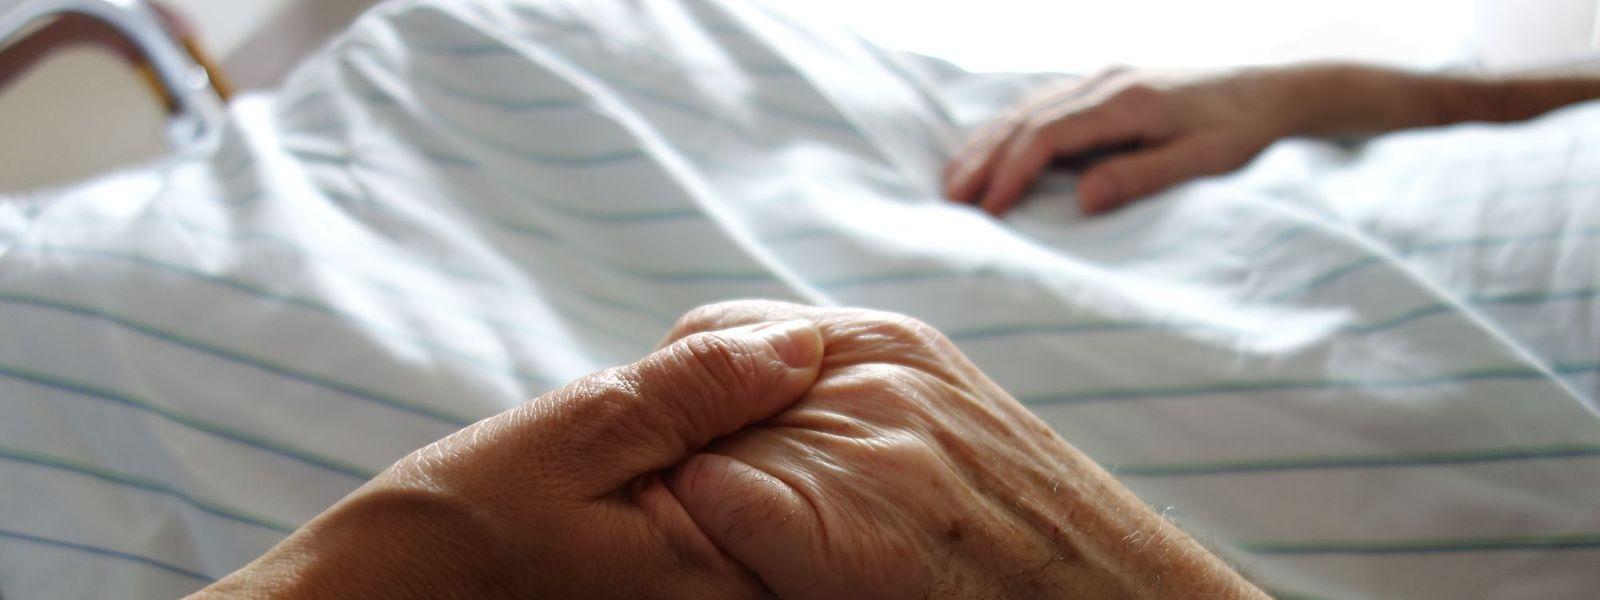 L'acte d'euthanasie se déroule de plus en plus à domicile selon la volonté du patient.